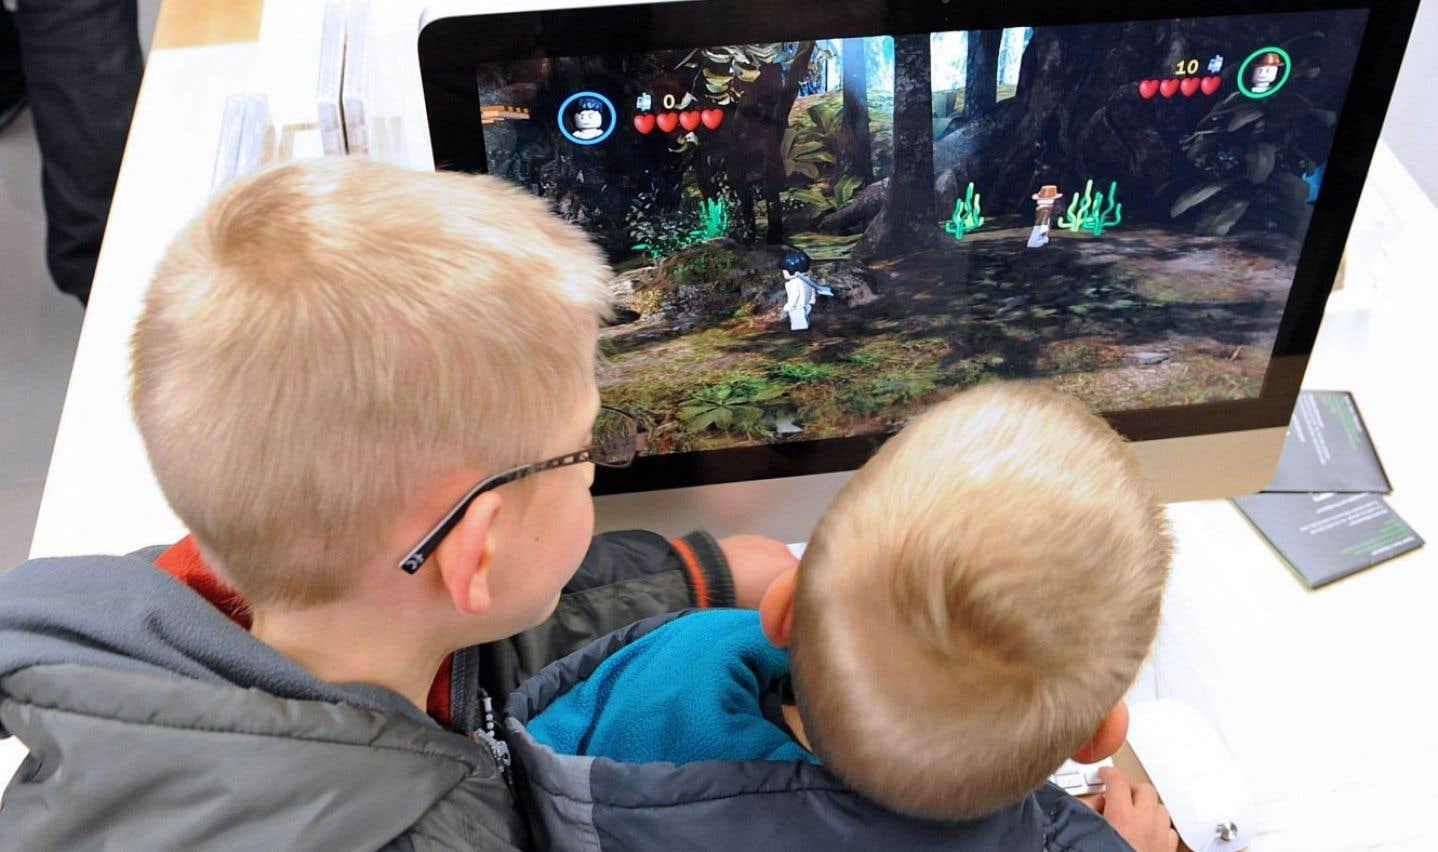 Trop de temps devant les écrans pour les jeunes enfants